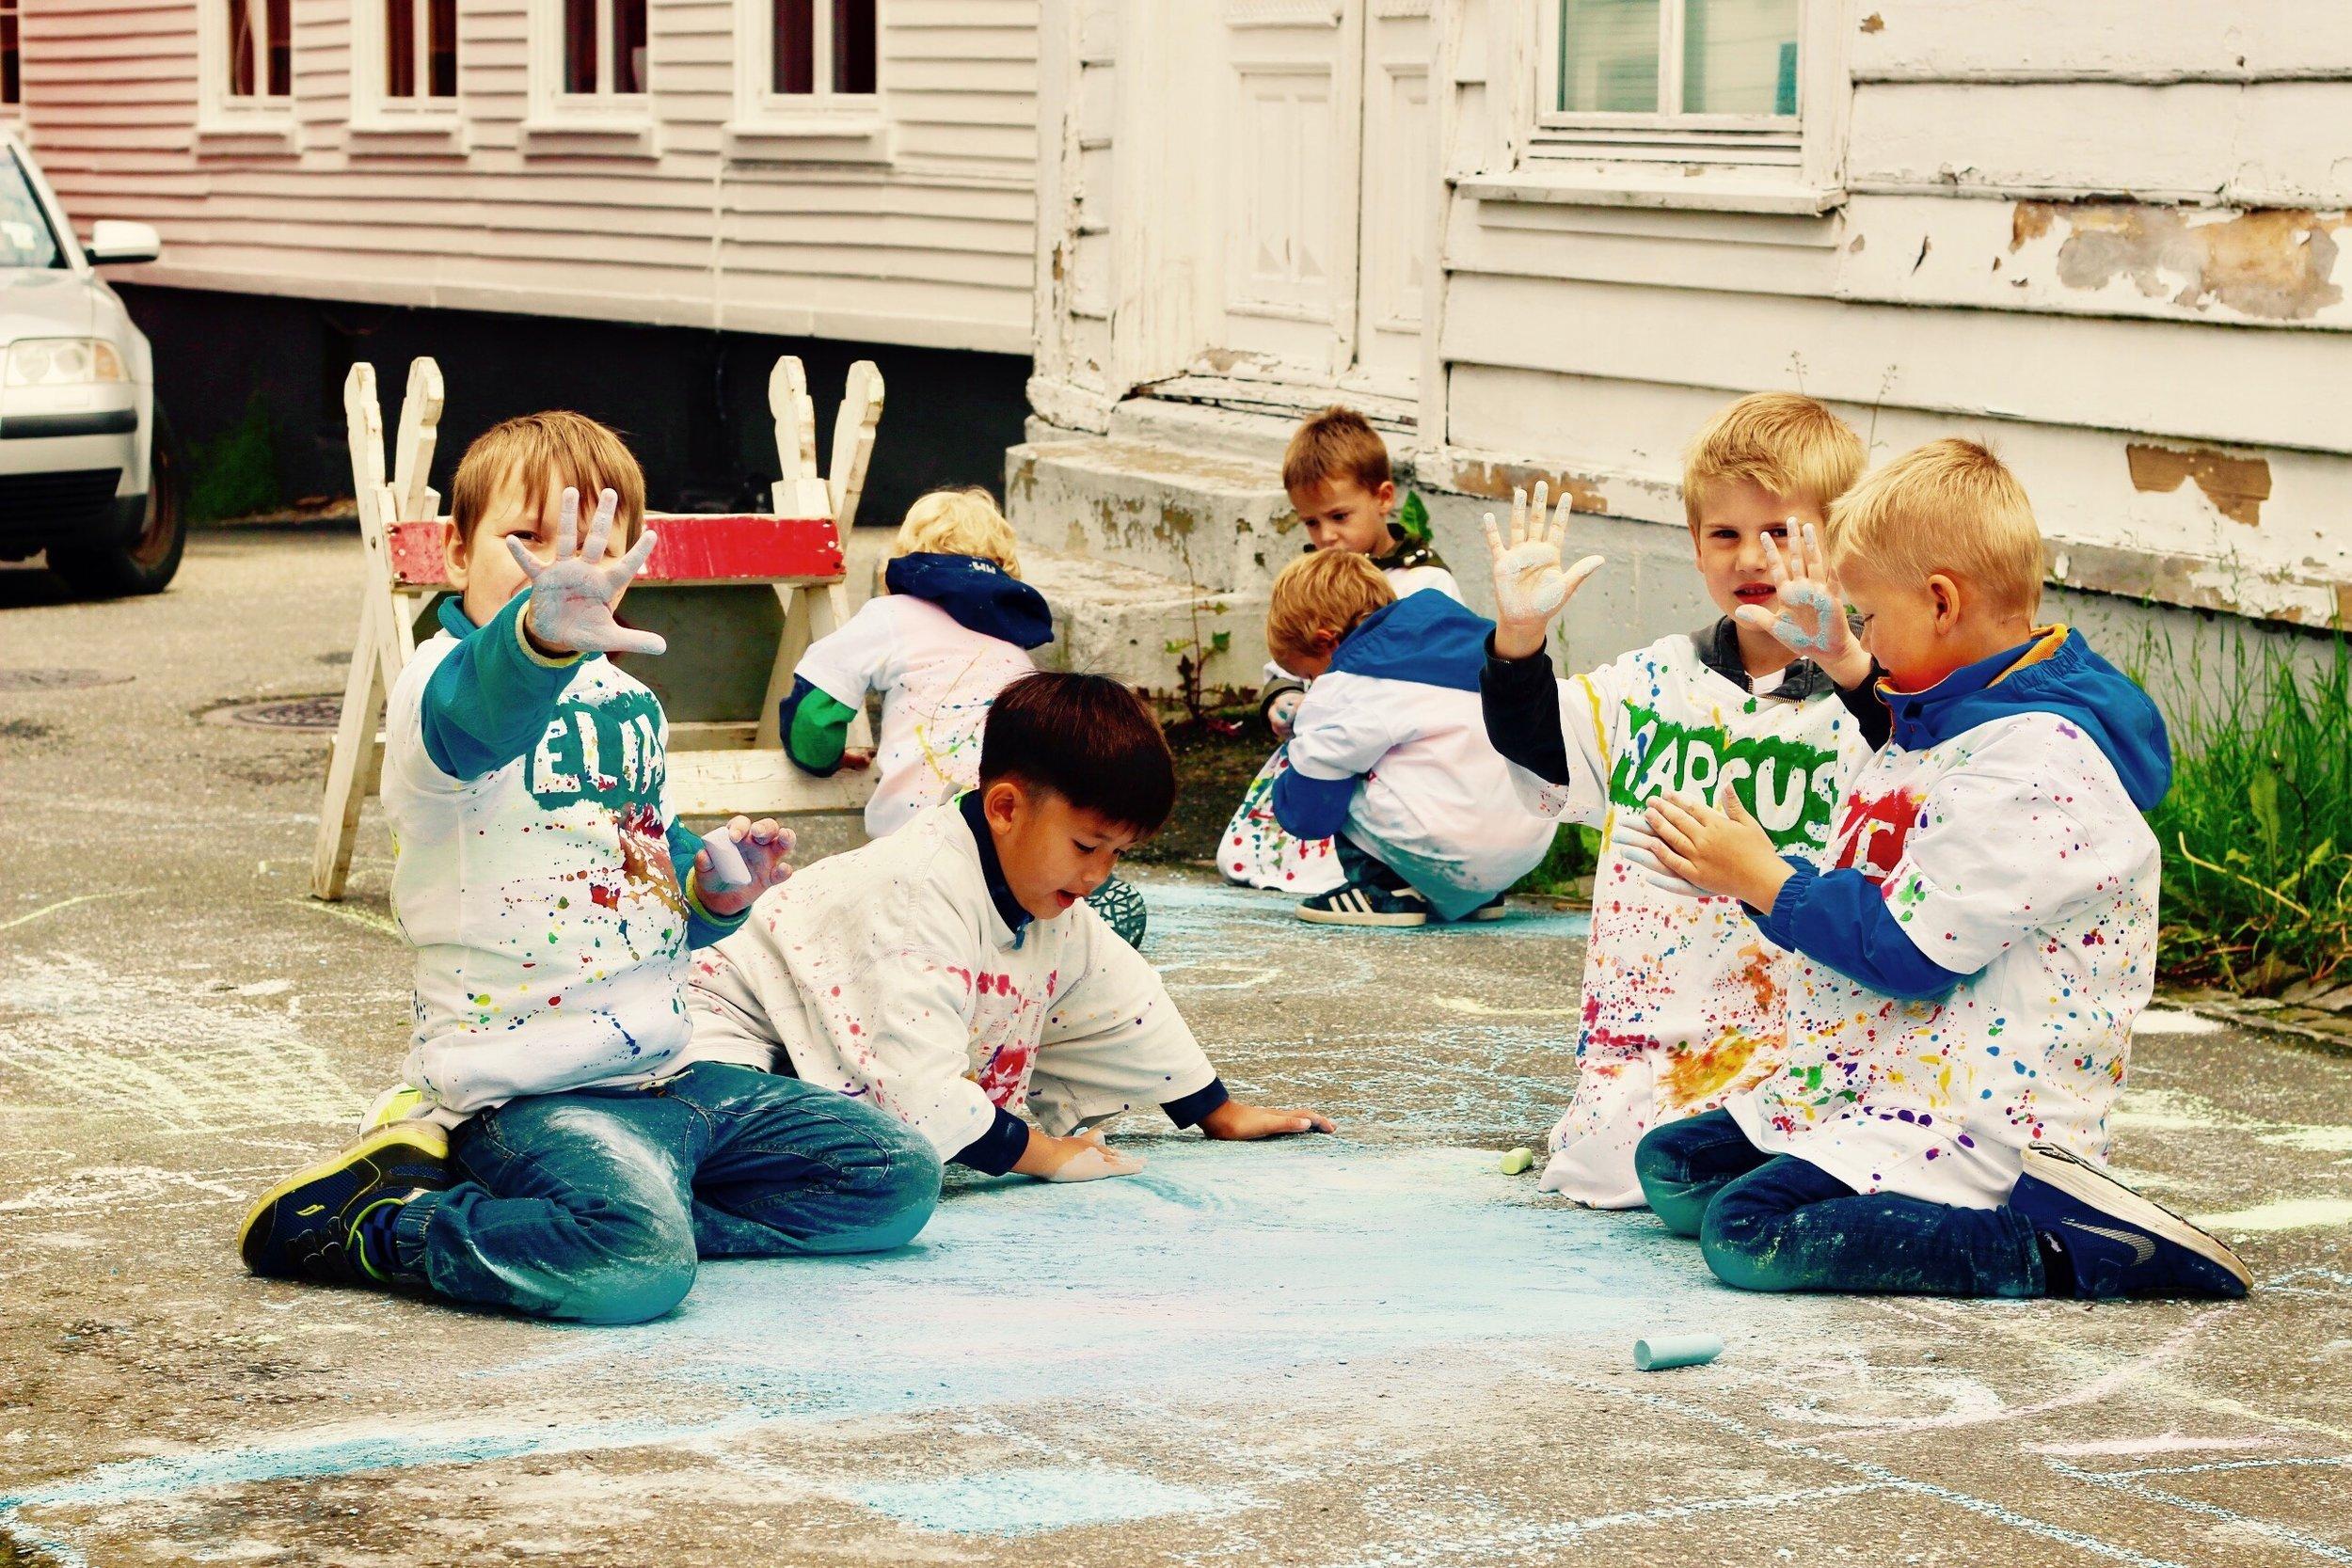 2017: Kritt Art 2017 Gunnhild Cambell Åsly. Leder av workshop for nærmere 300 barn i Hollenderbyen